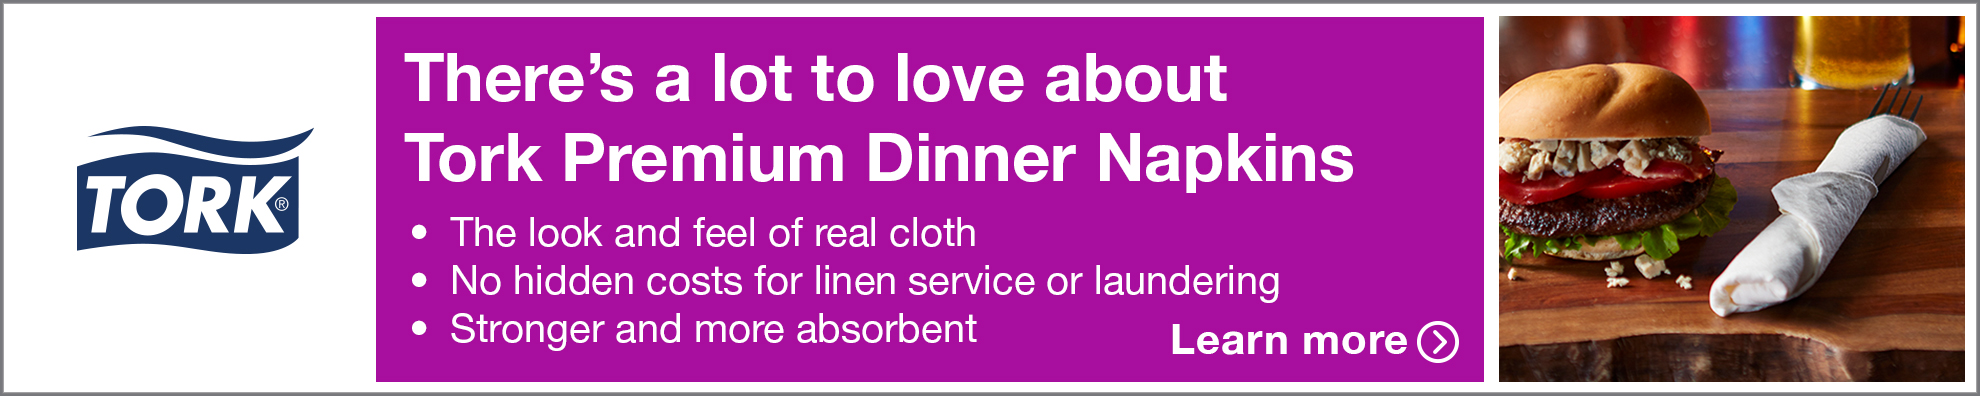 Essity - Tork Premium Dinner Napkins - banner - both - 05.18